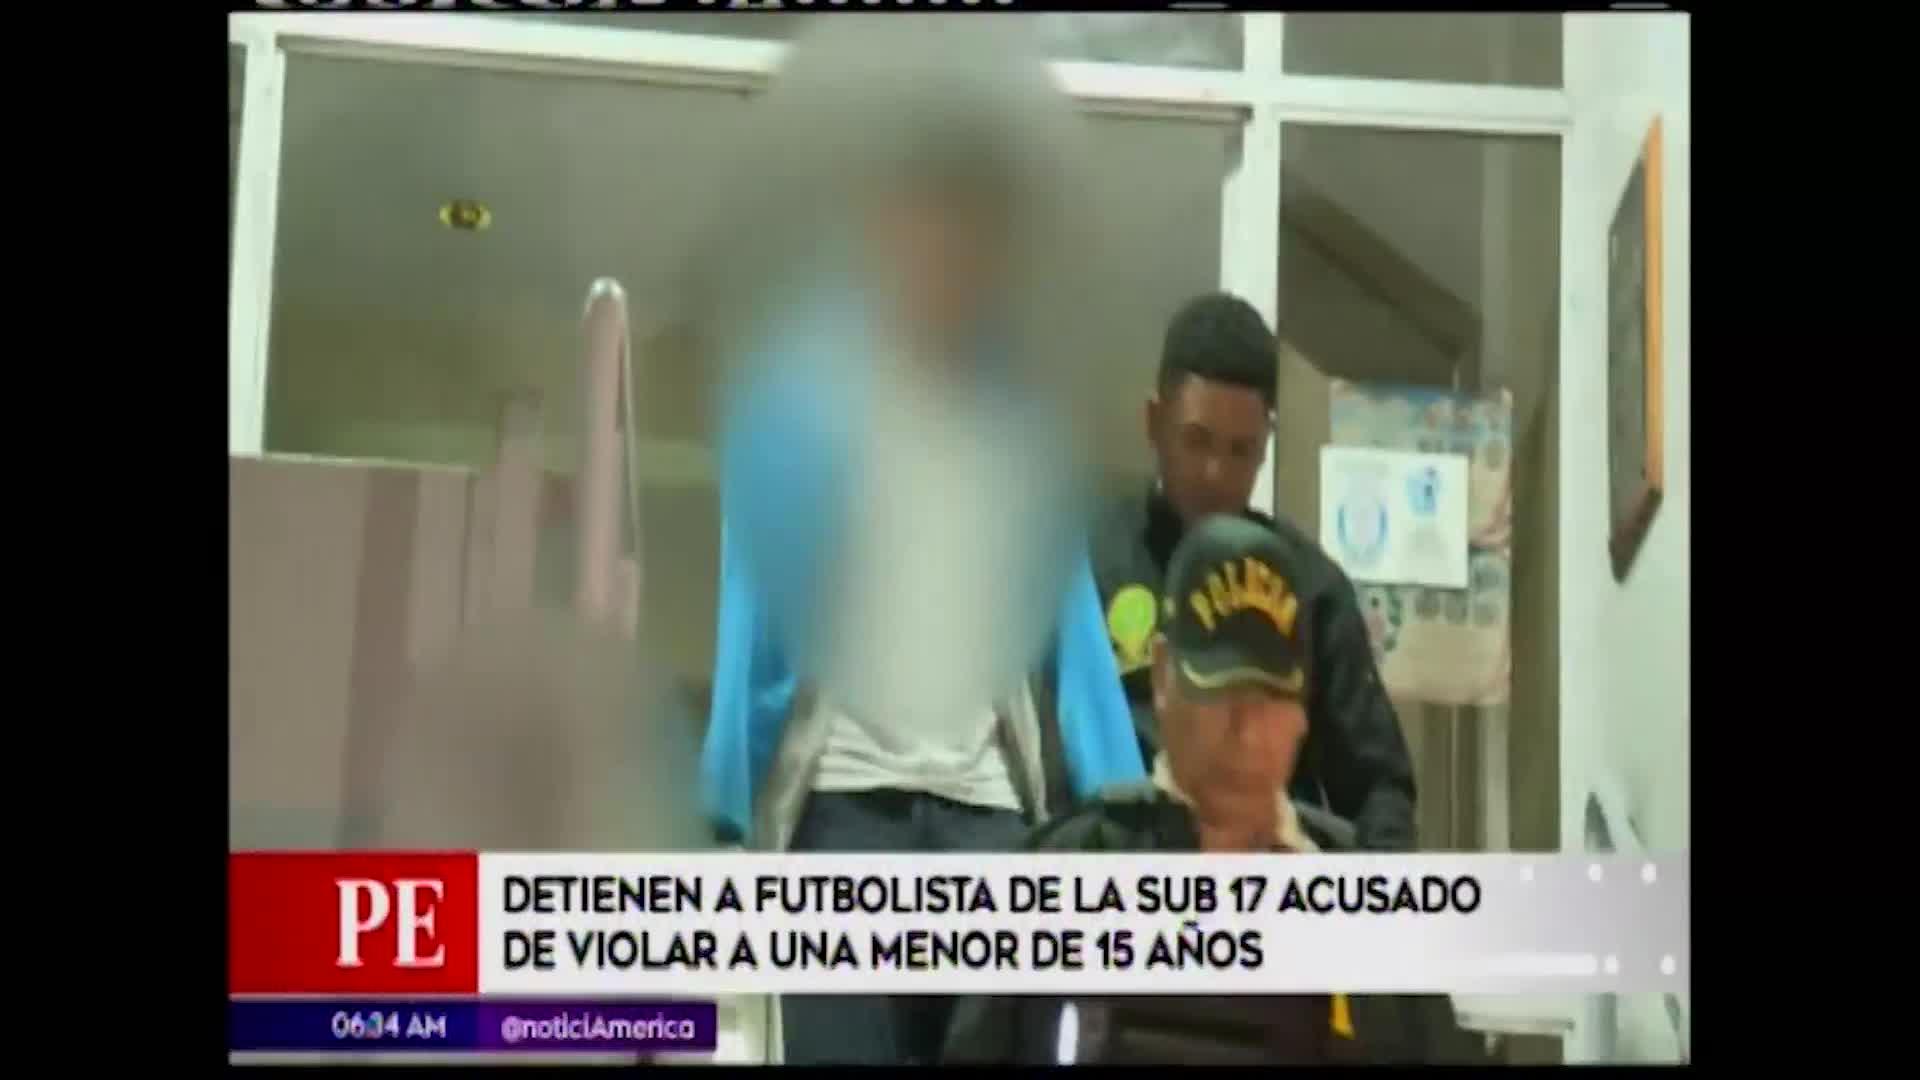 Pueblo Libre: futbolista de la sub17 es acusado de violar a menor de 15 años